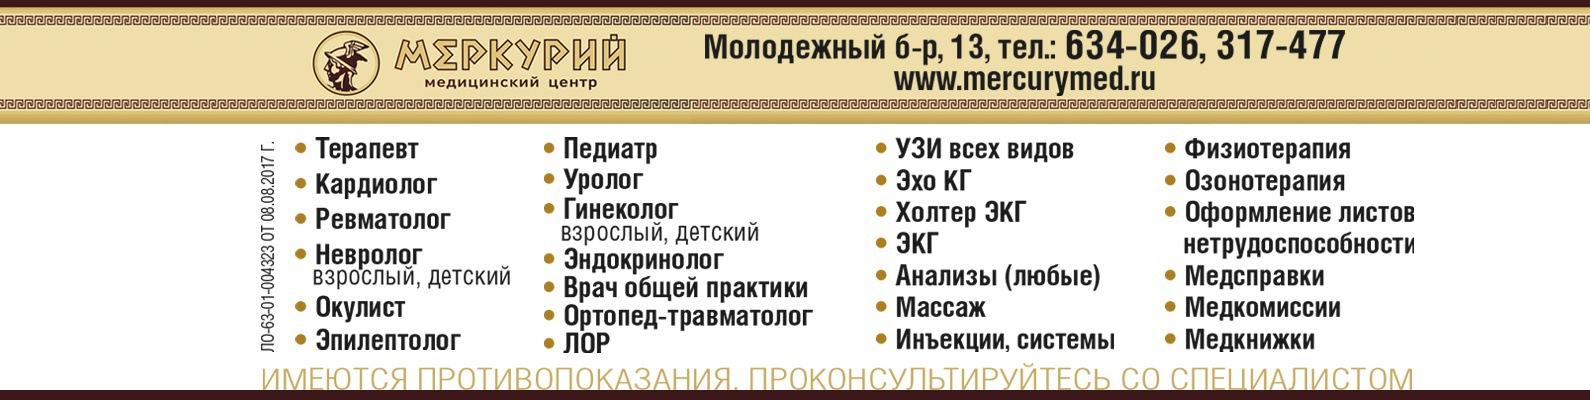 Медицинская справка для работы с гостайной Молодежная мебель медицинская санкт-петербург